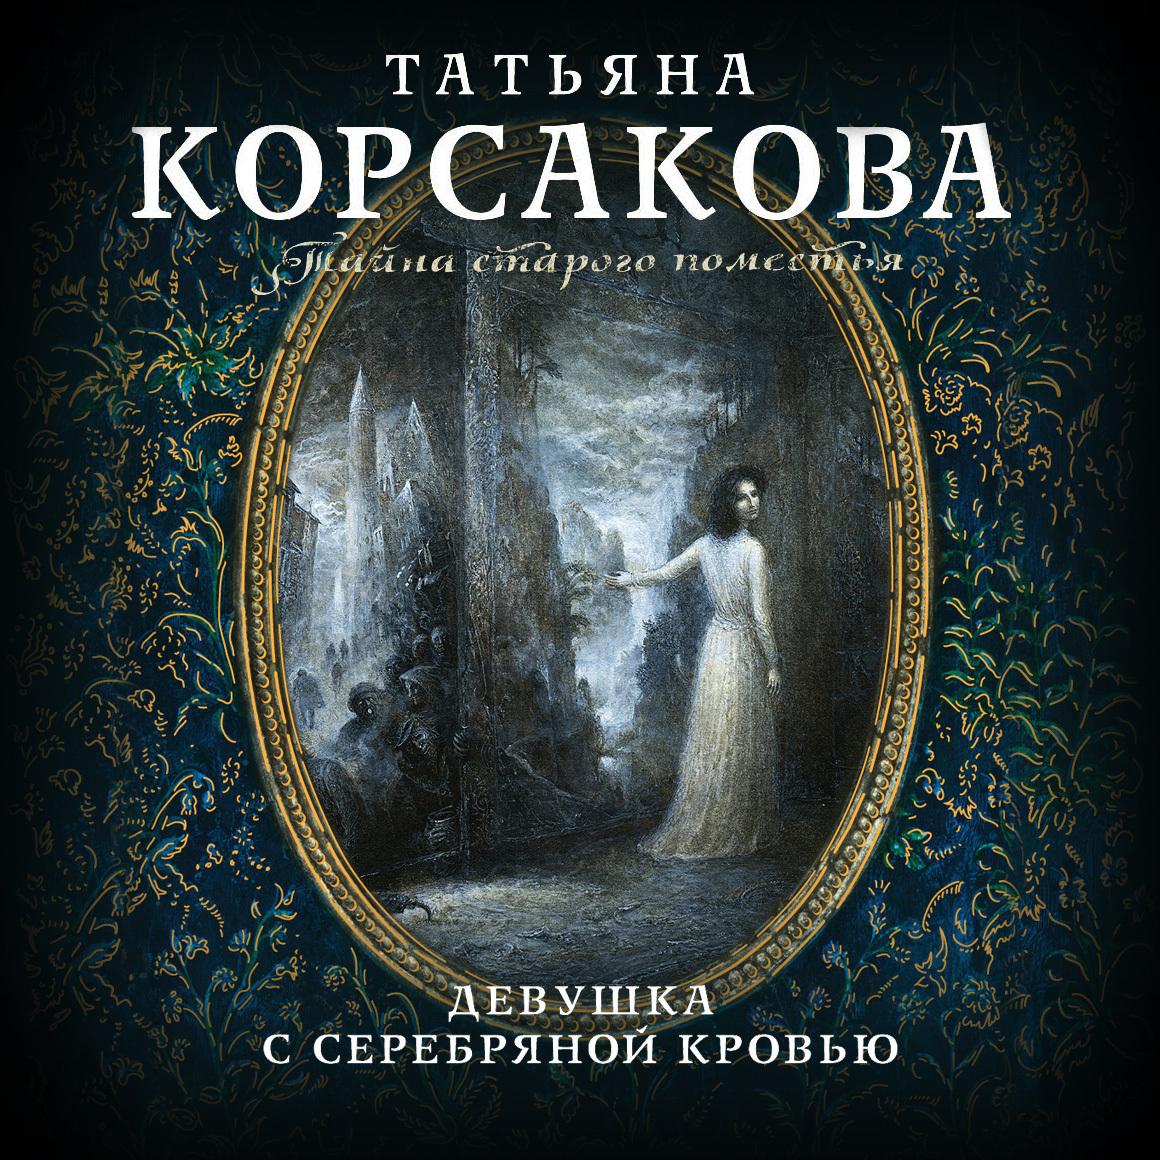 Татьяна Корсакова. Девушка с серебряной кровью